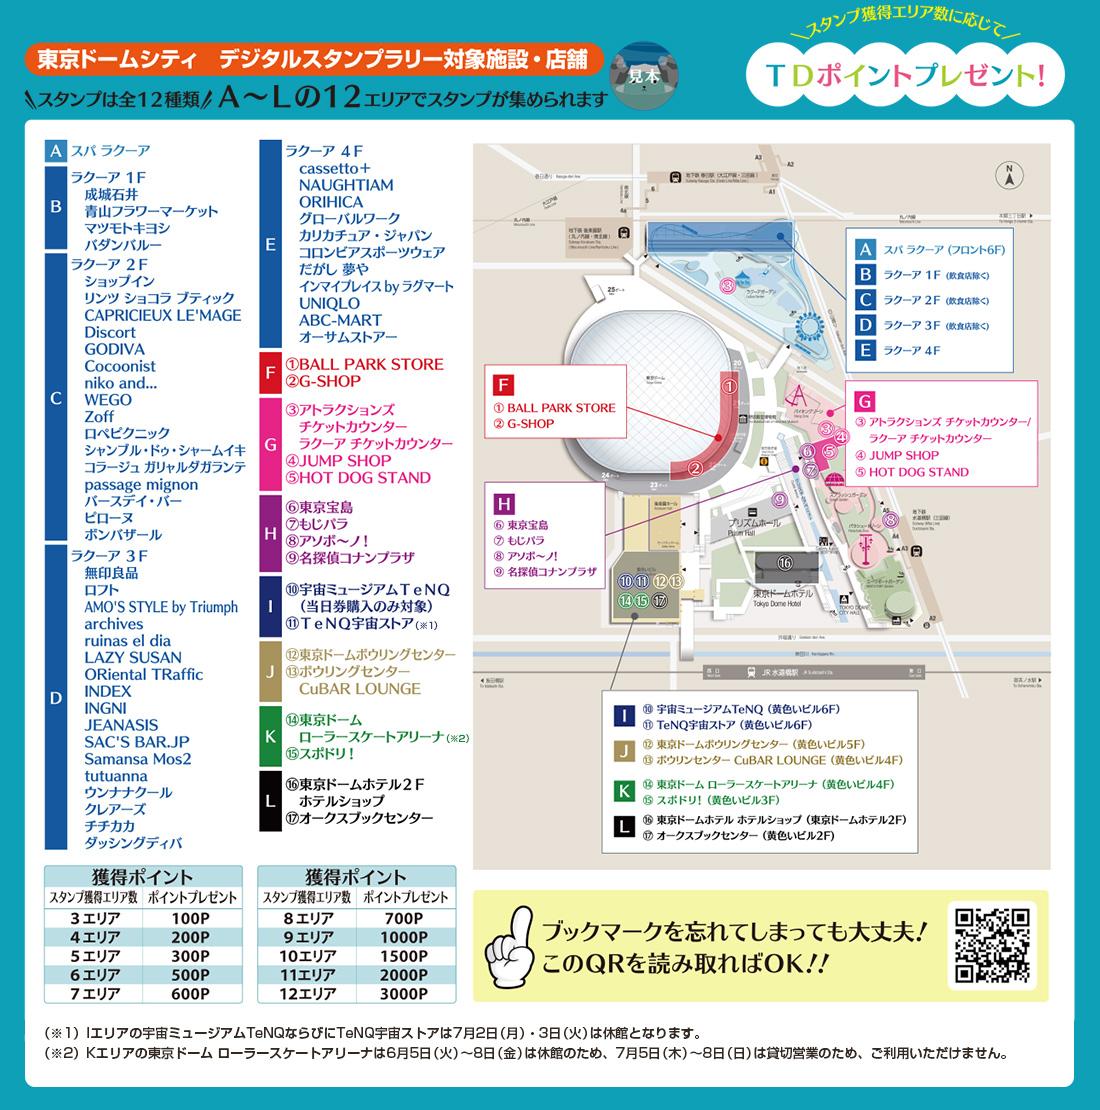 東京ドームシティ デジタルスタンプラリー対象施設・店舗